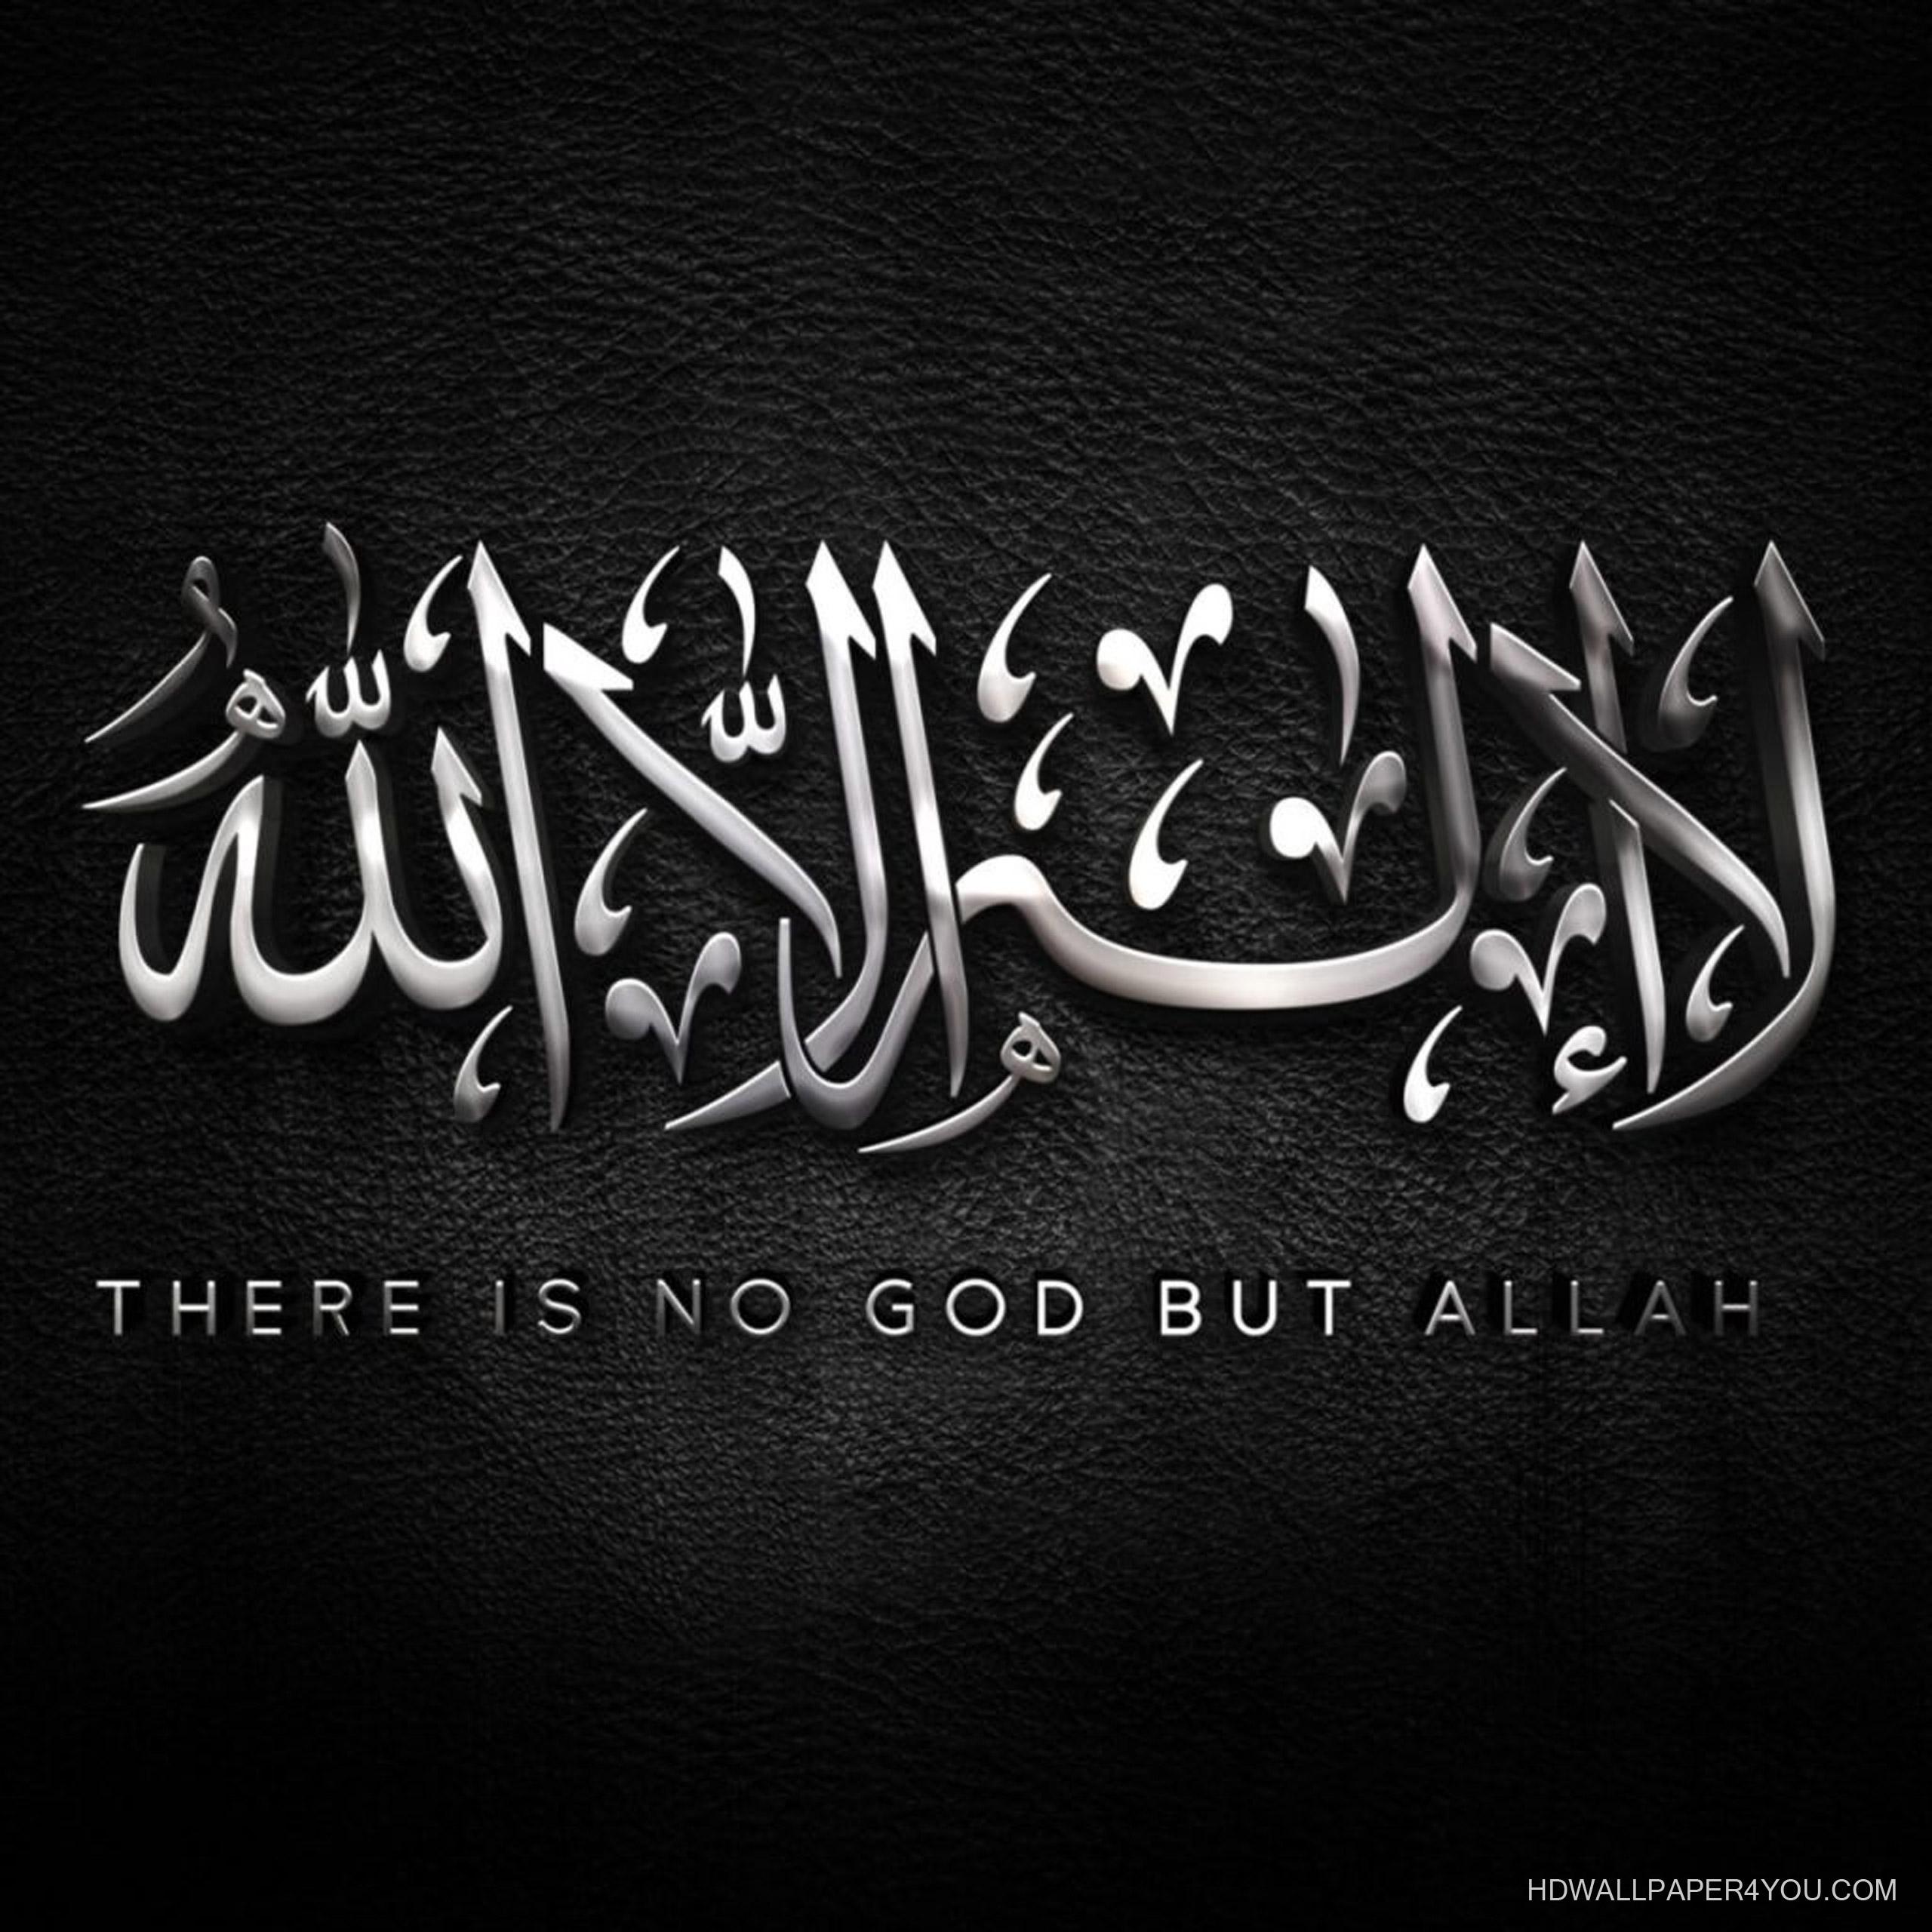 صور عرض دينية لا اله الا الله محمد رسول الله Islamic Wallpapers صور خلفيات عالية الدقة Hd Wallpapers